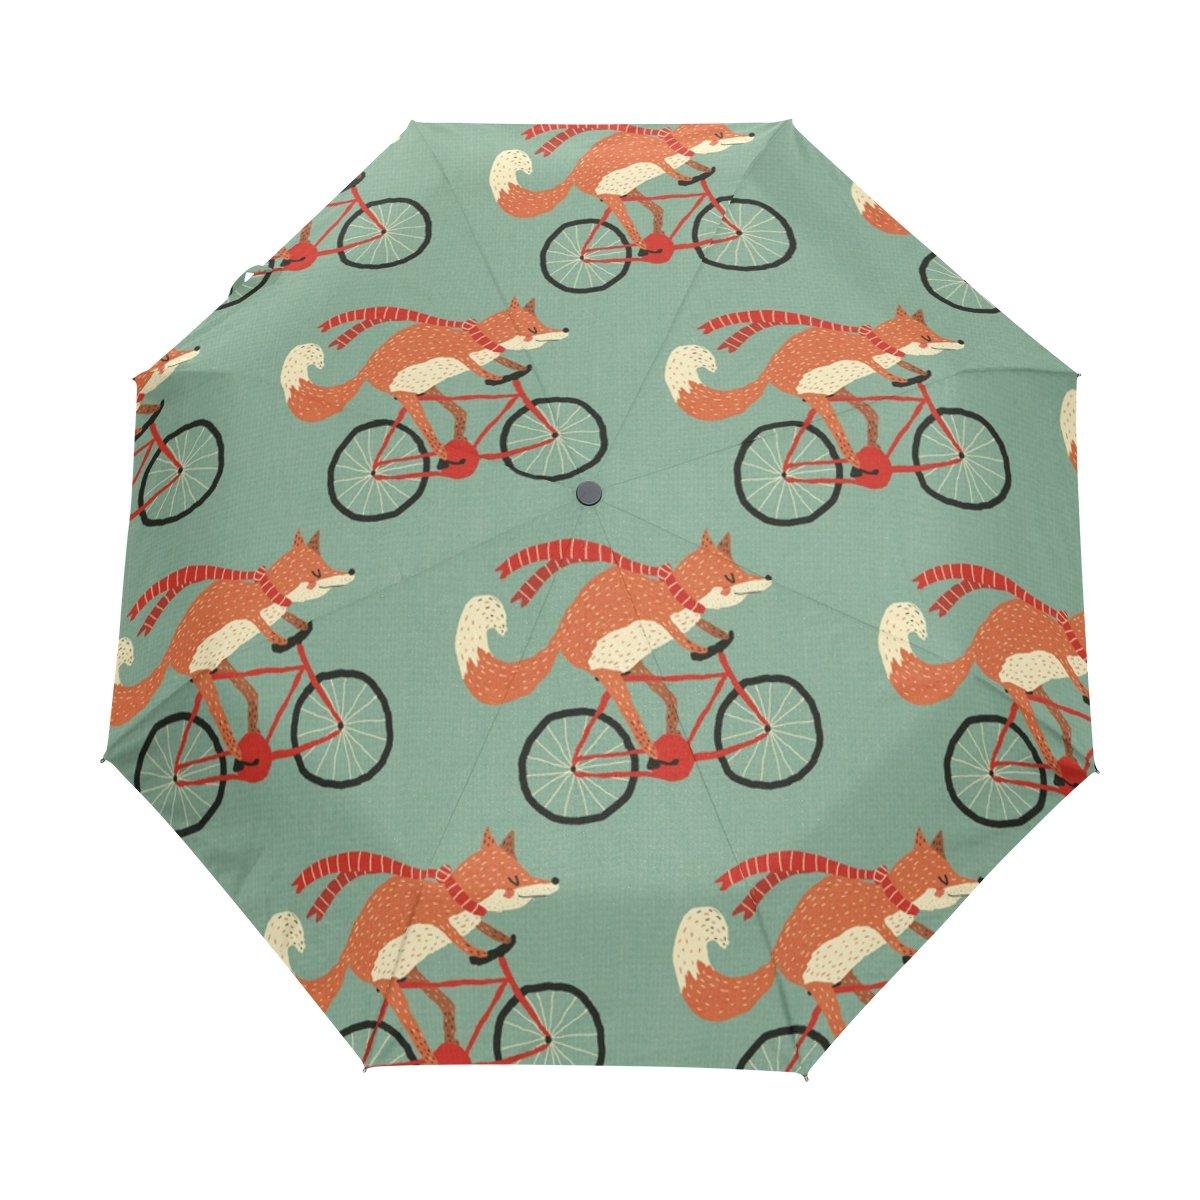 bennigiry paraguas Fox patrón UV anti ligero sombrilla elegante reverso 3 plegable gota resistente paraguas Regalos especiales para negocios y personal, ...